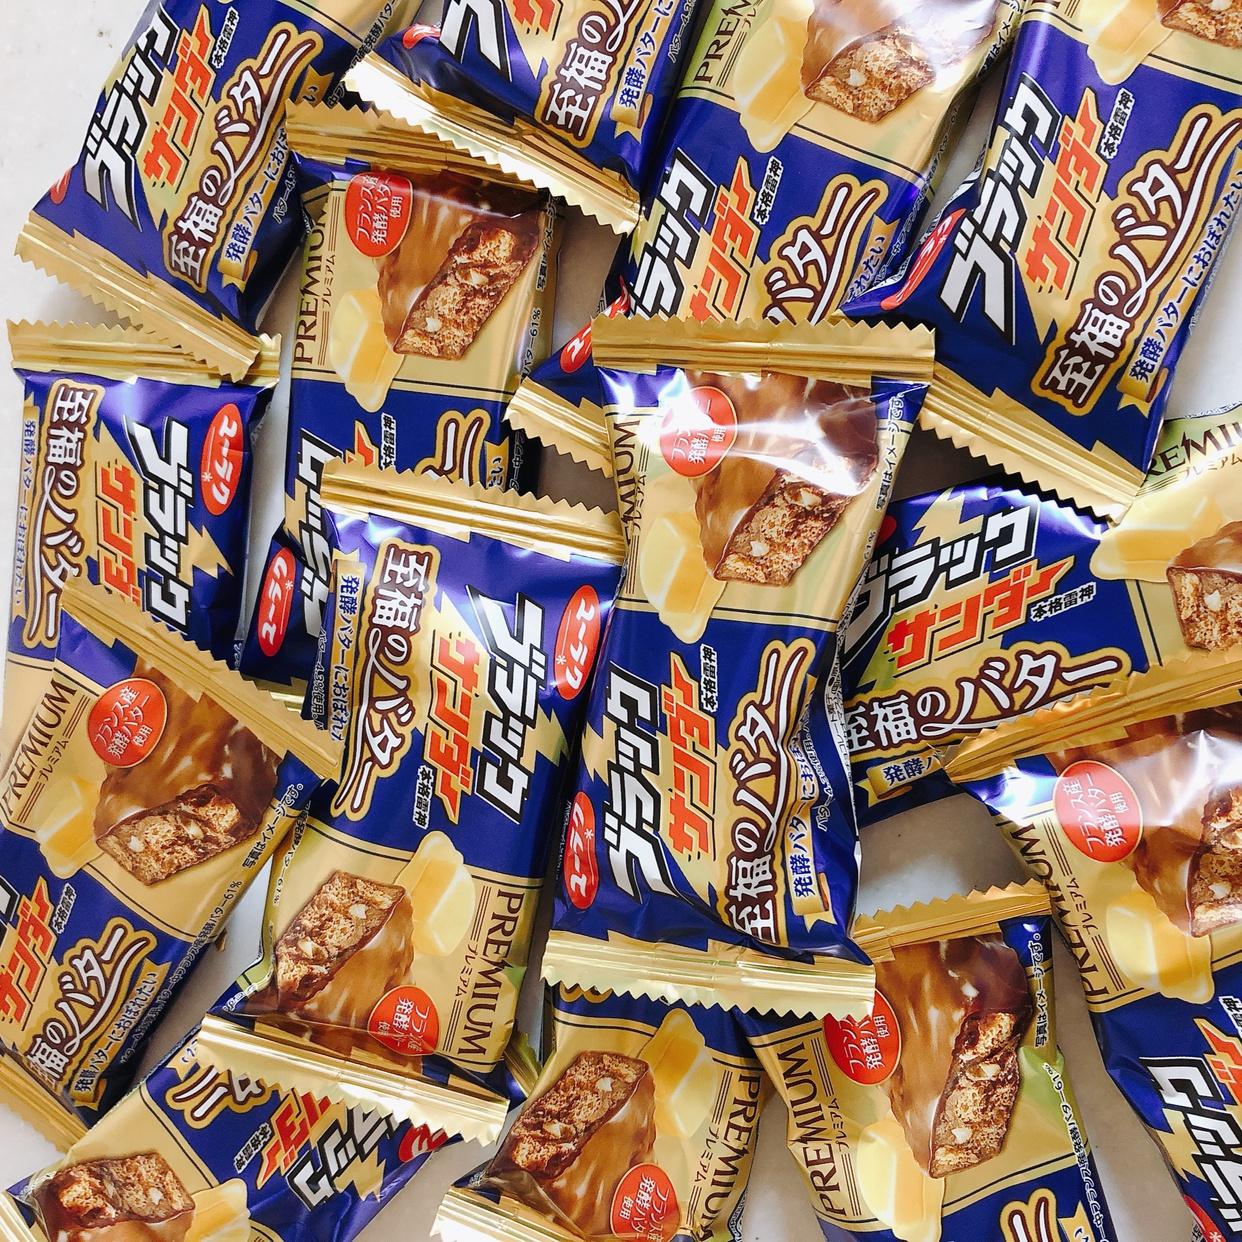 有楽製菓ブラックサンダー至福のバターを使ったkiiiikoooo95さんのクチコミ画像